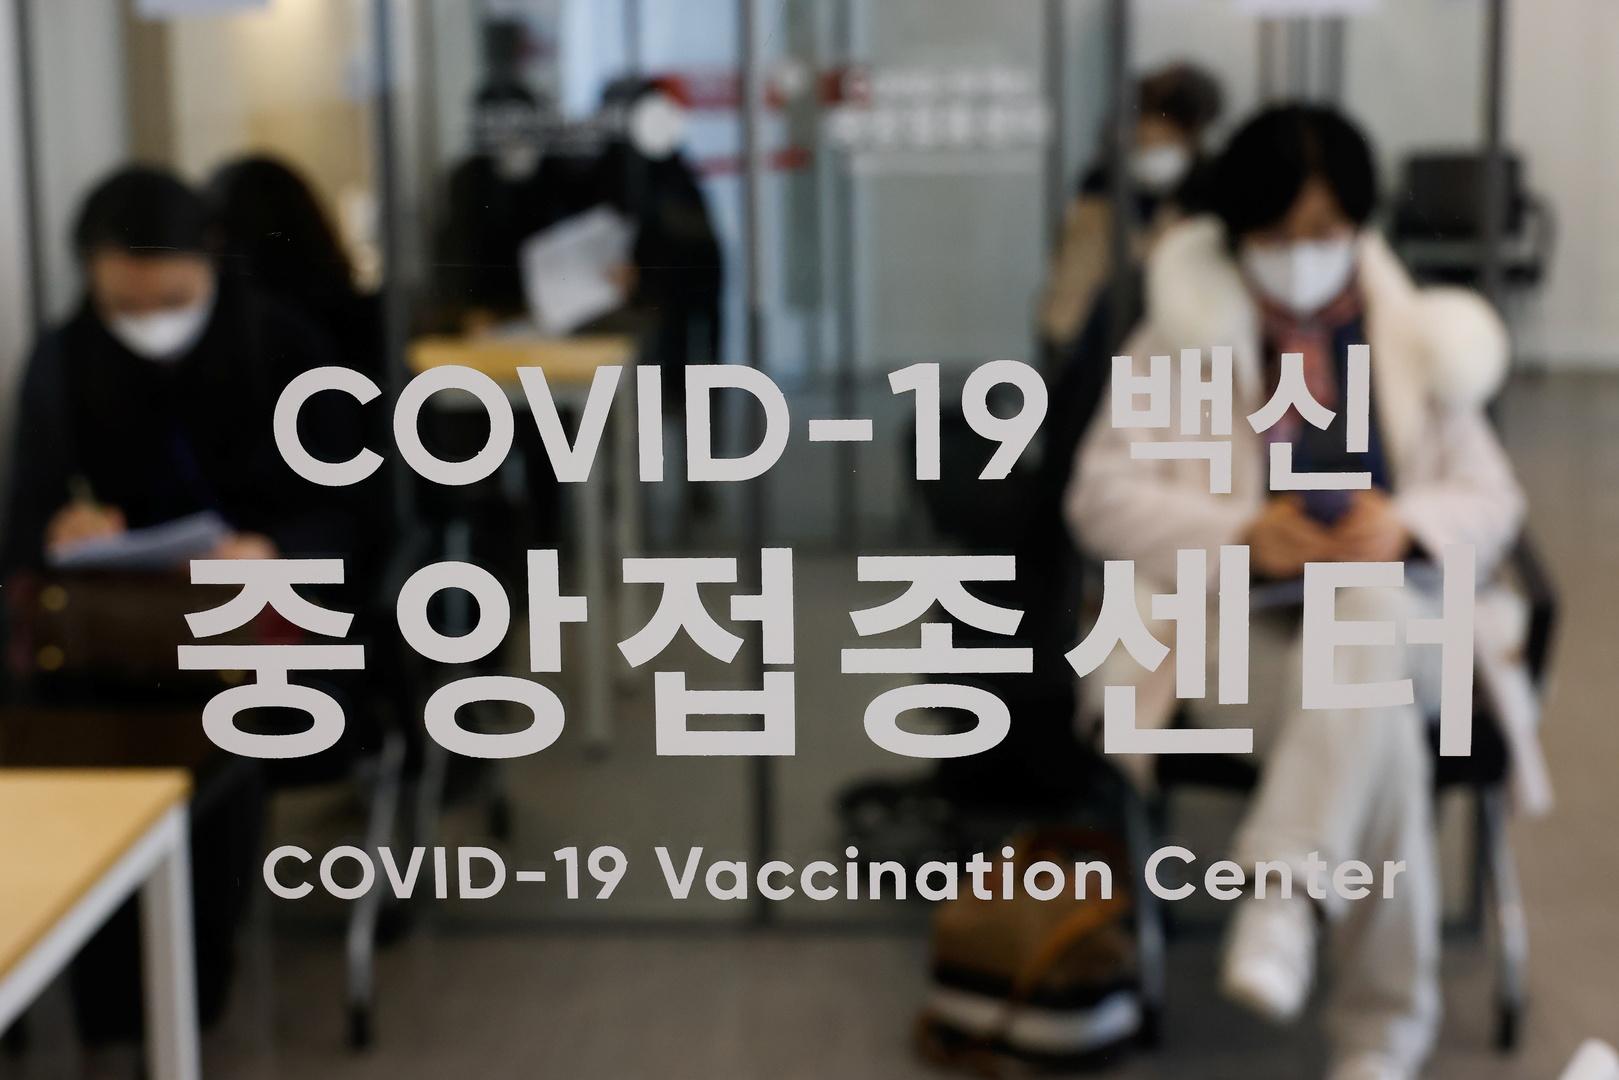 كوريا الجنوبية تؤكد حالة وفاة واحدة إثر جلطات دموية عقب تلقي لقاح